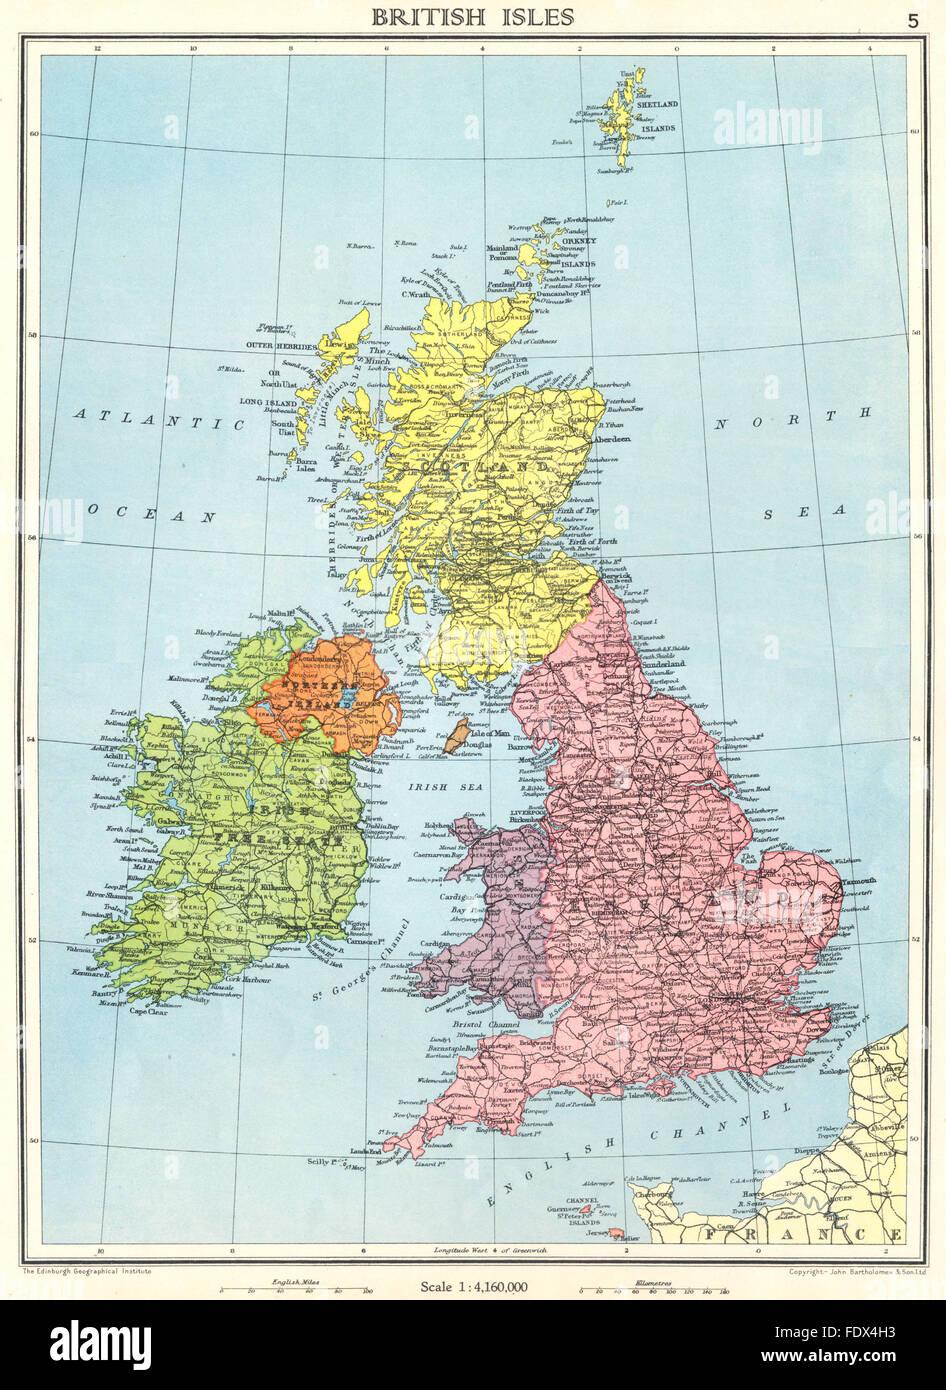 Cartina Geografica Inghilterra E Scozia.Isole Britanniche Regno Unito Stato Libero Irlandese Inghilterra Scozia Galles 1938 Mappa Foto Stock Alamy